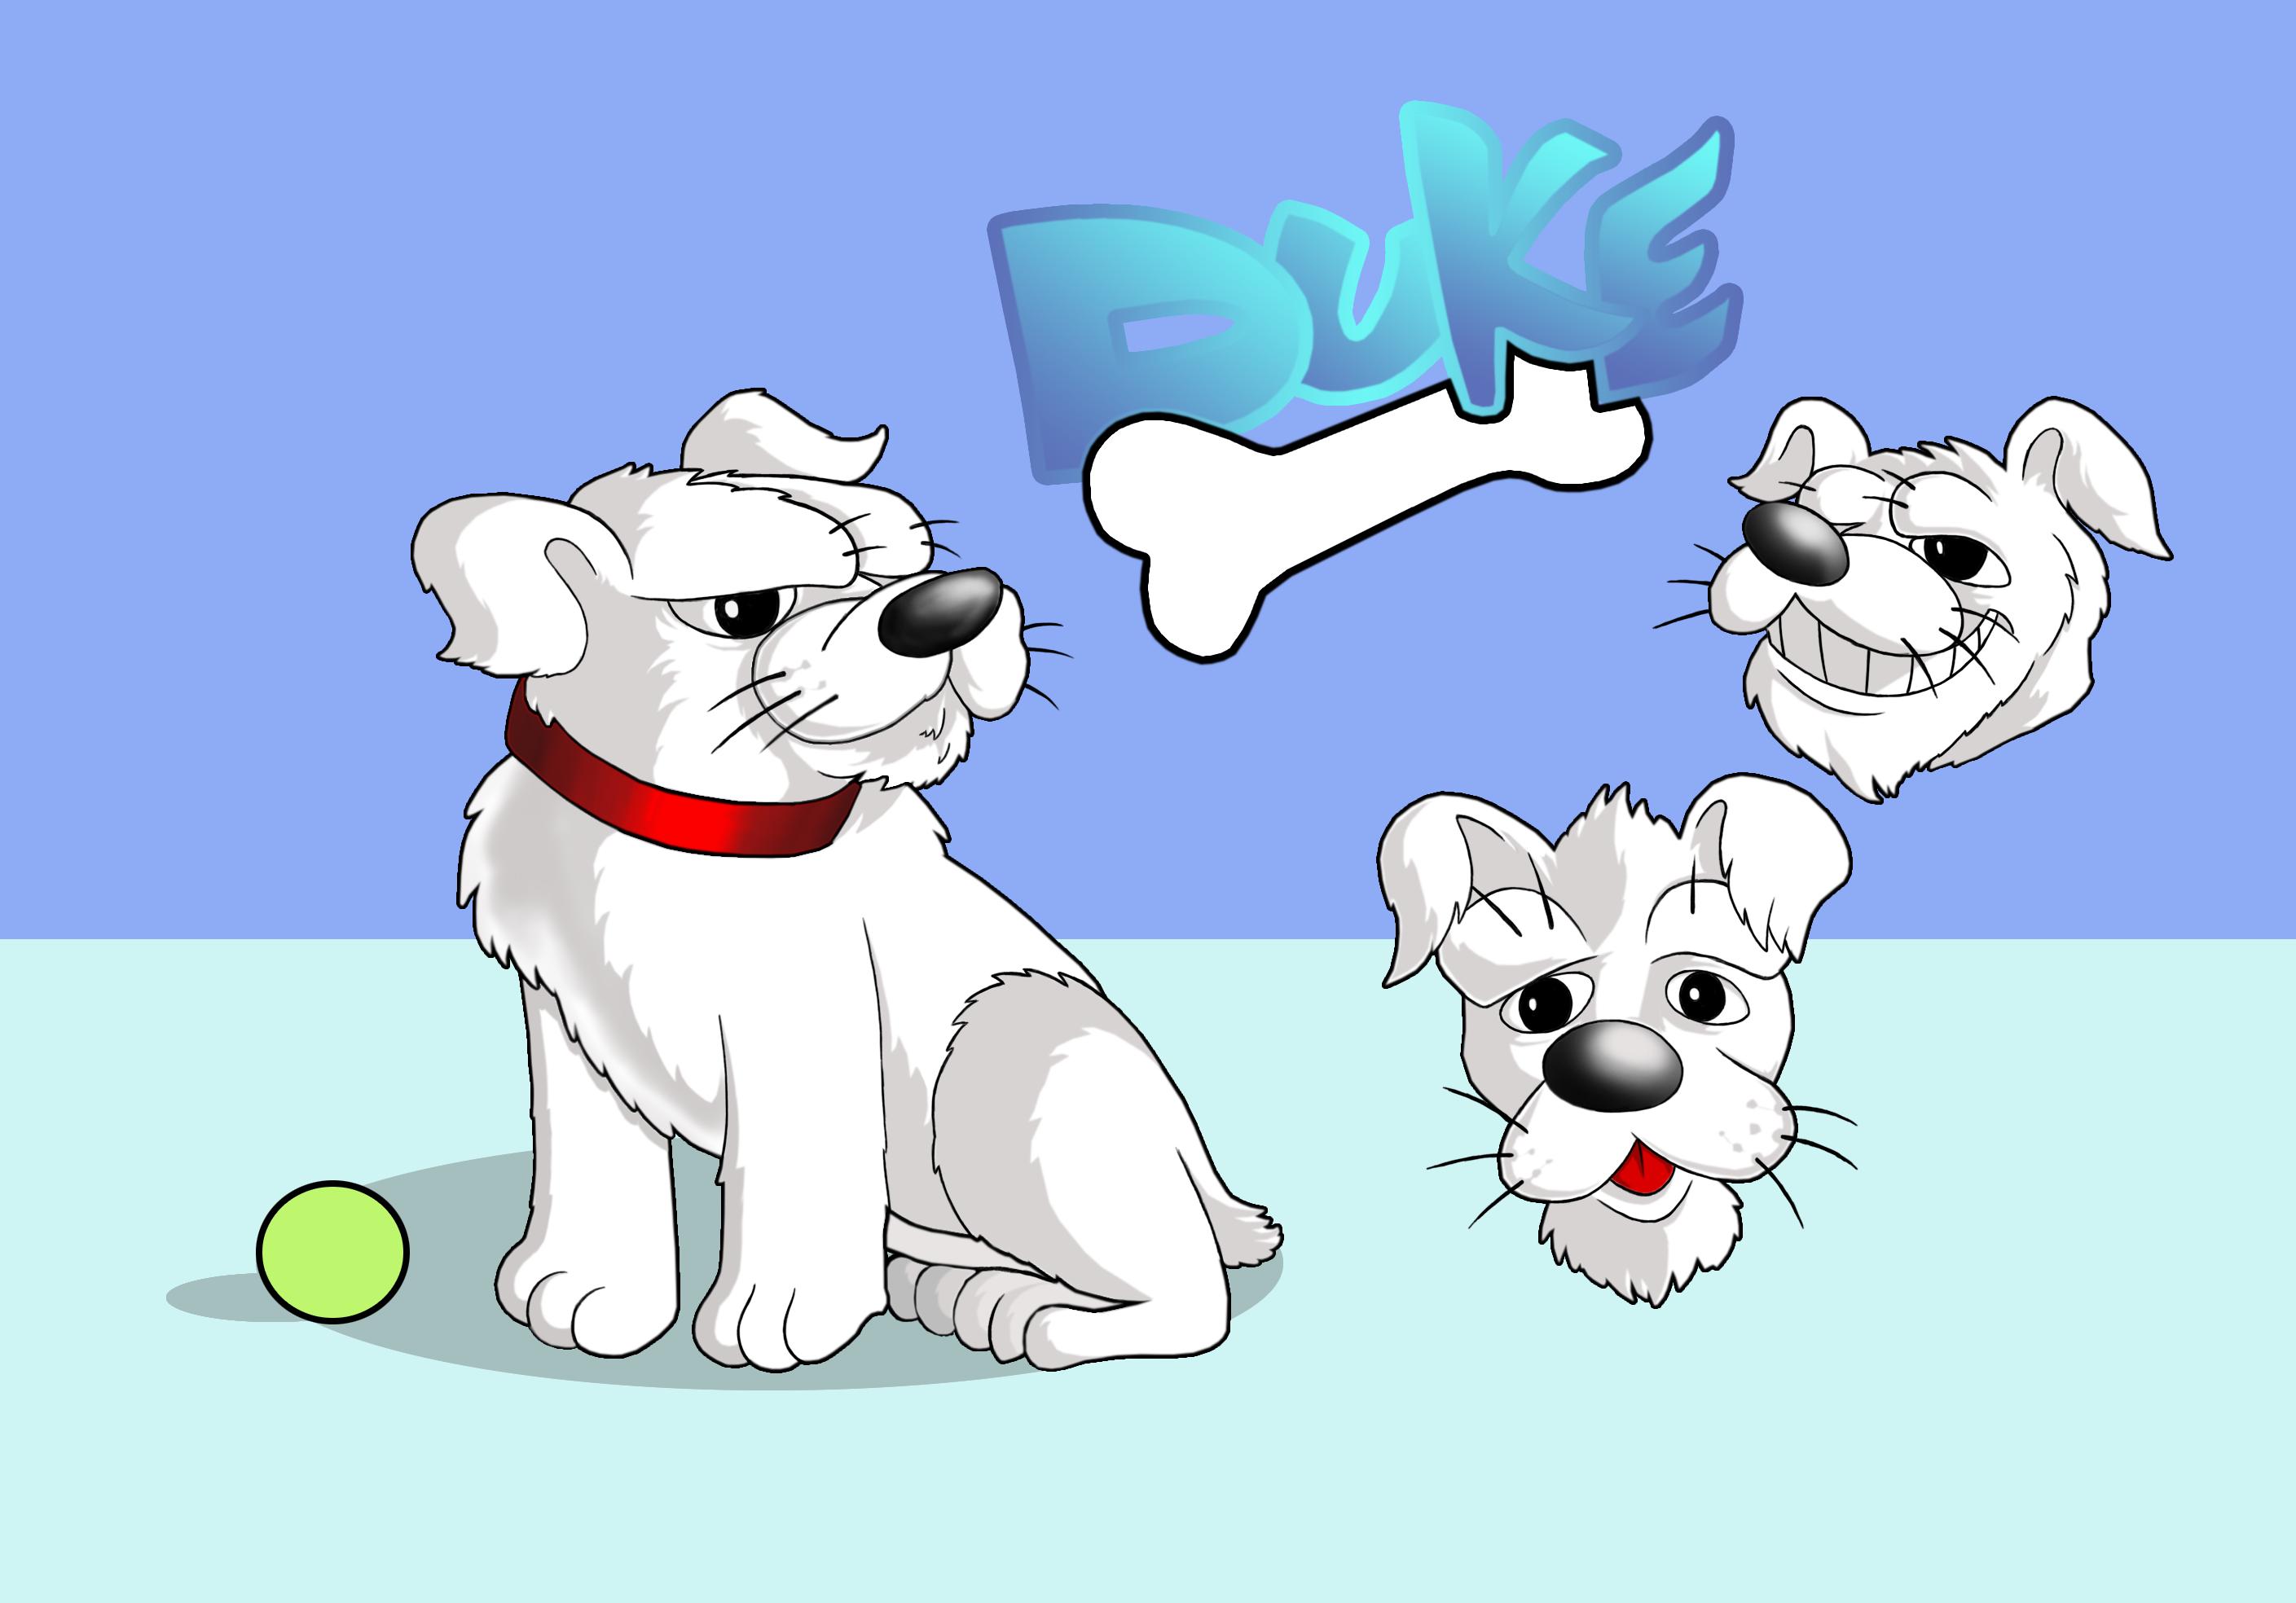 Рисунки иллюстраторов фрилансеров фриланс оптимизация сайтов